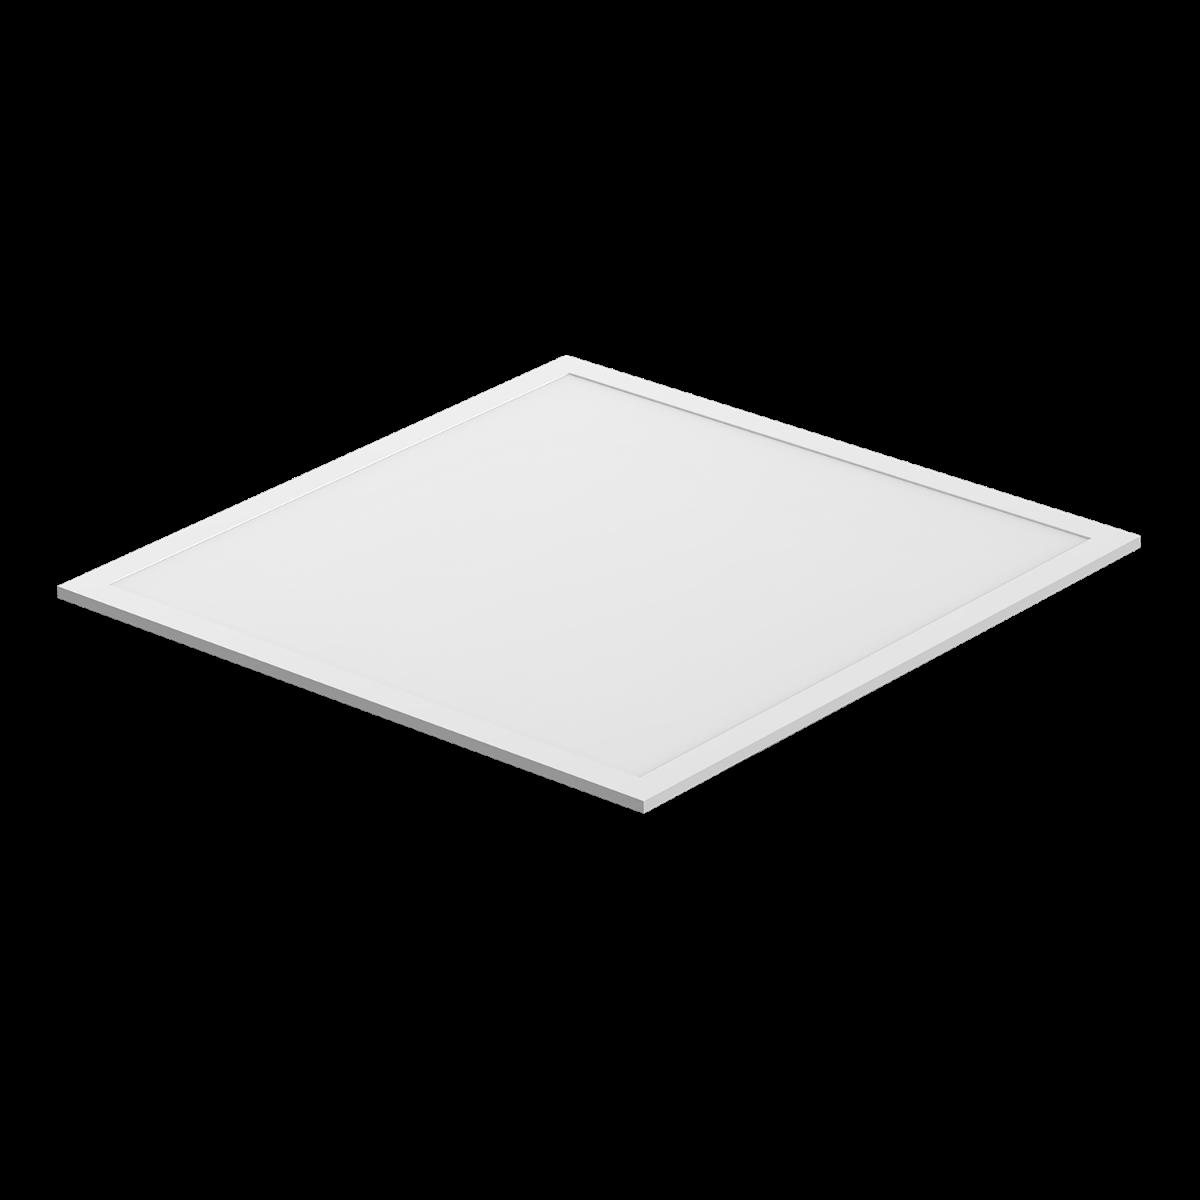 Noxion Panneau LED Econox 32W 60x60cm 6500K 4400lm UGR <22 | Lumière du Jour - Substitut 4x18W